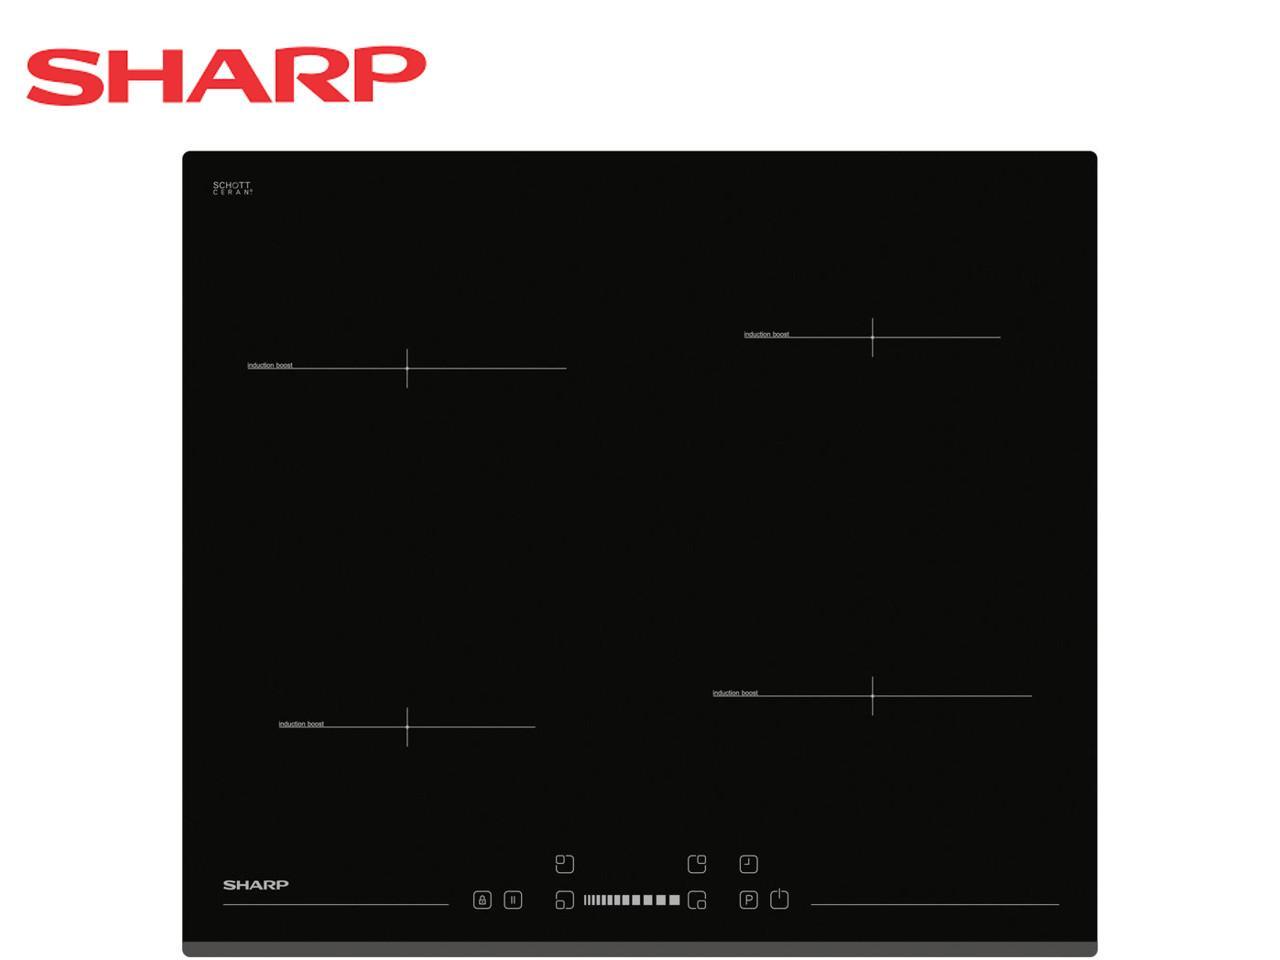 SHARP KH-6I19BS00